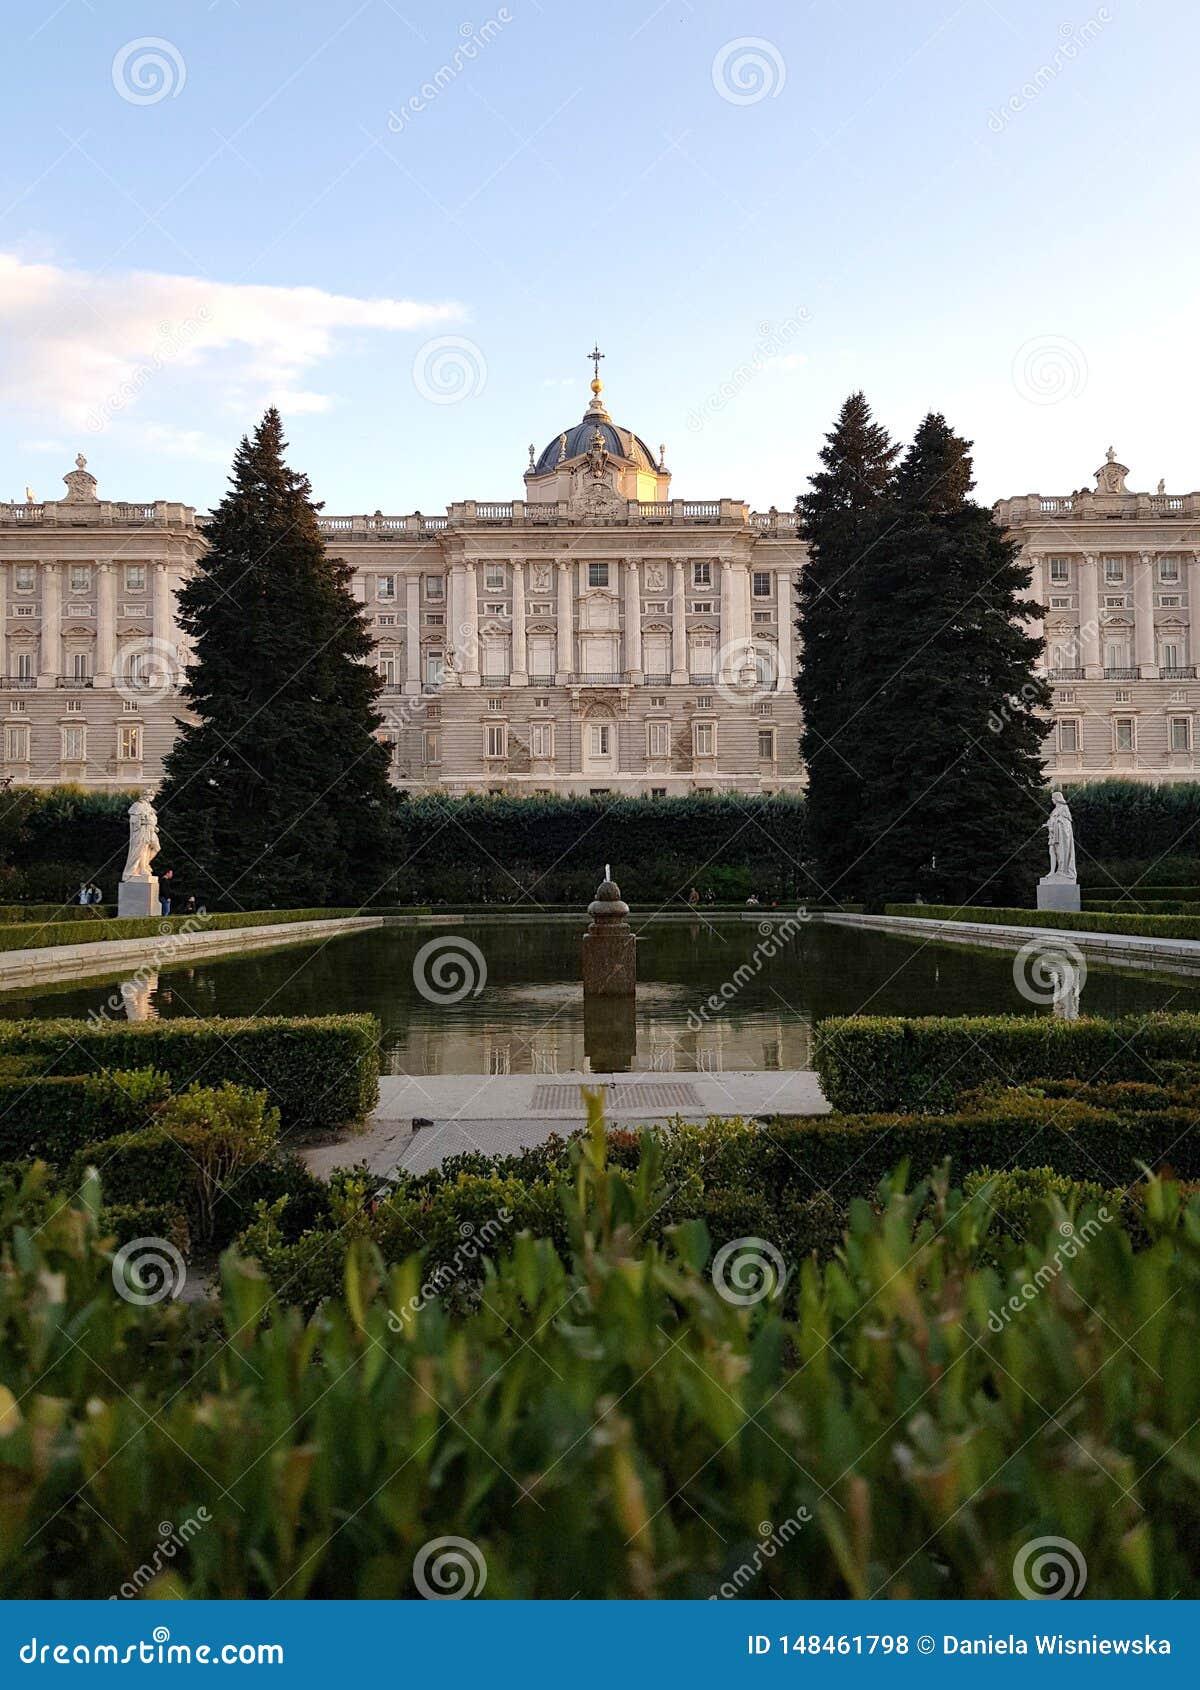 Сады и королевский дворец Мадрида